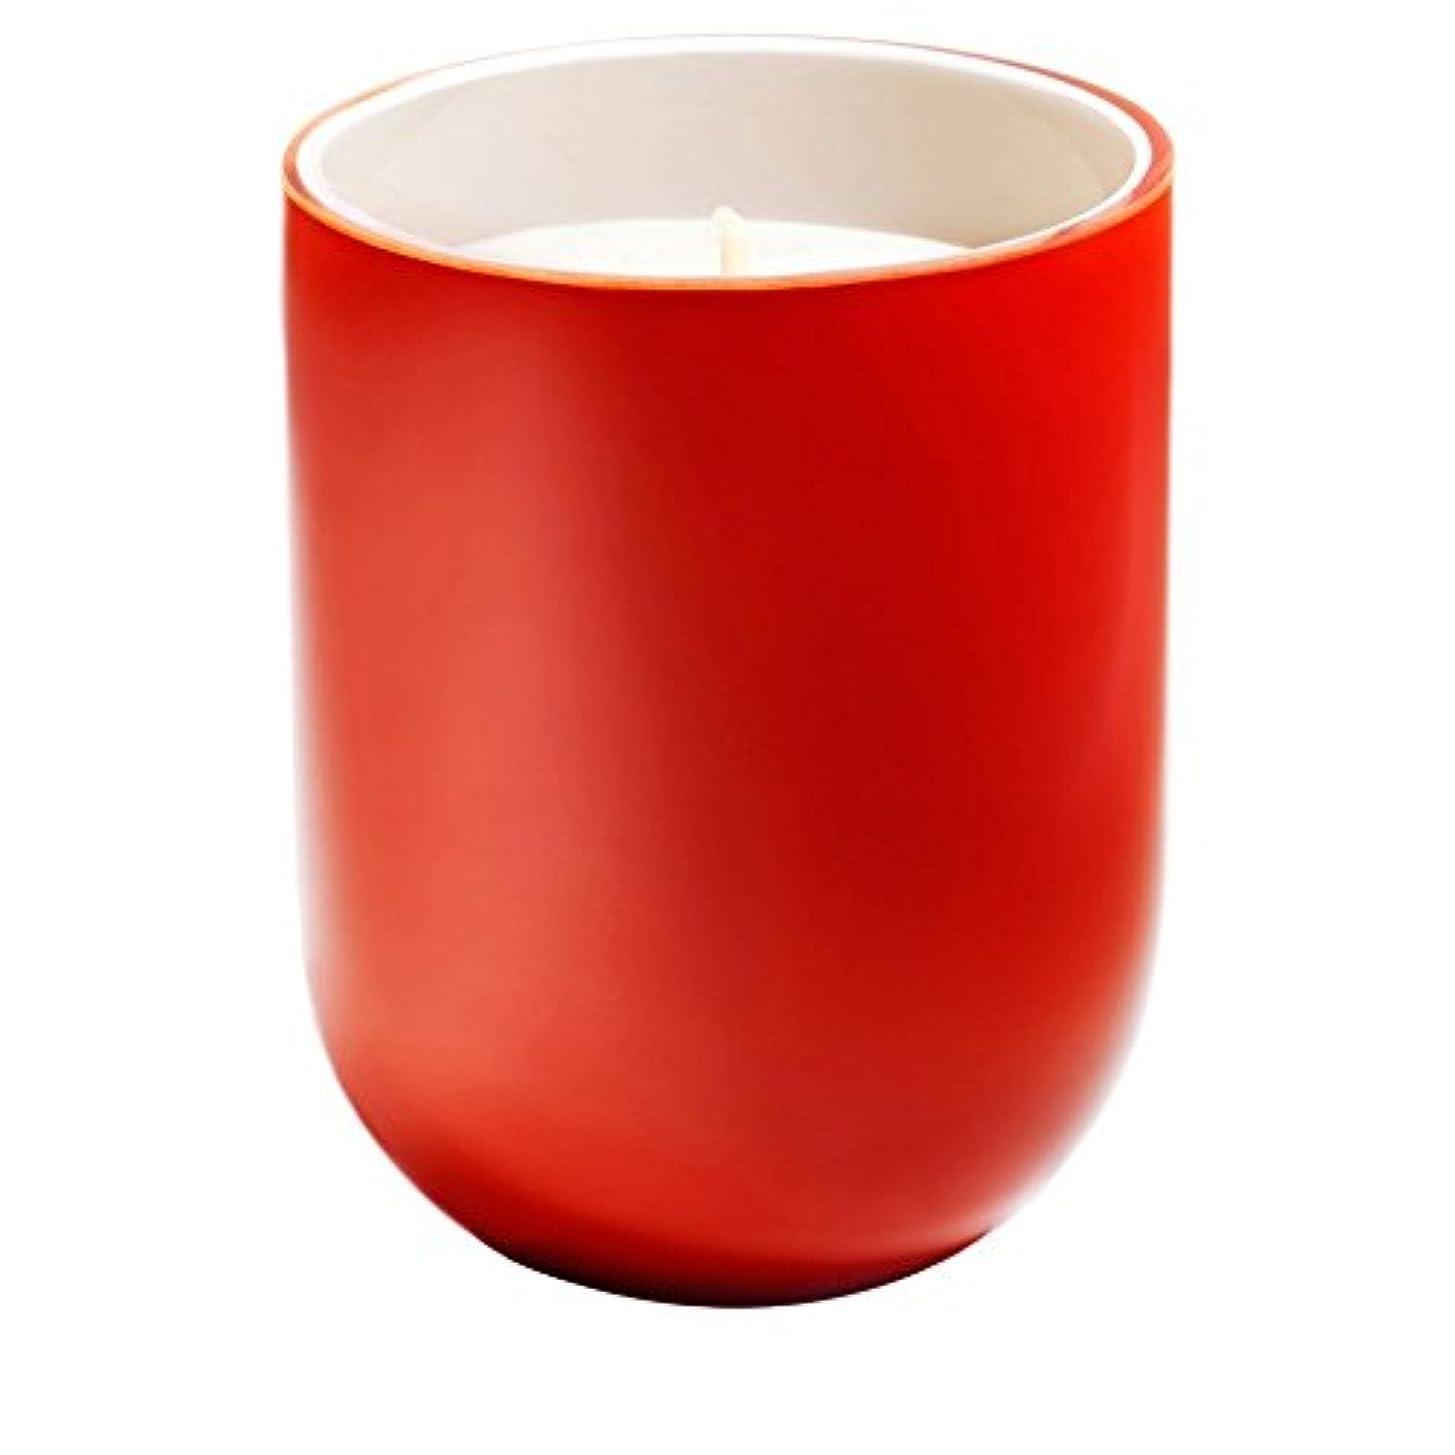 徹底的に口述する想定するFrederic Malle Russian Night Scented Candle (Pack of 4) - フレデリック?マルロシアの夜香りのキャンドル x4 [並行輸入品]